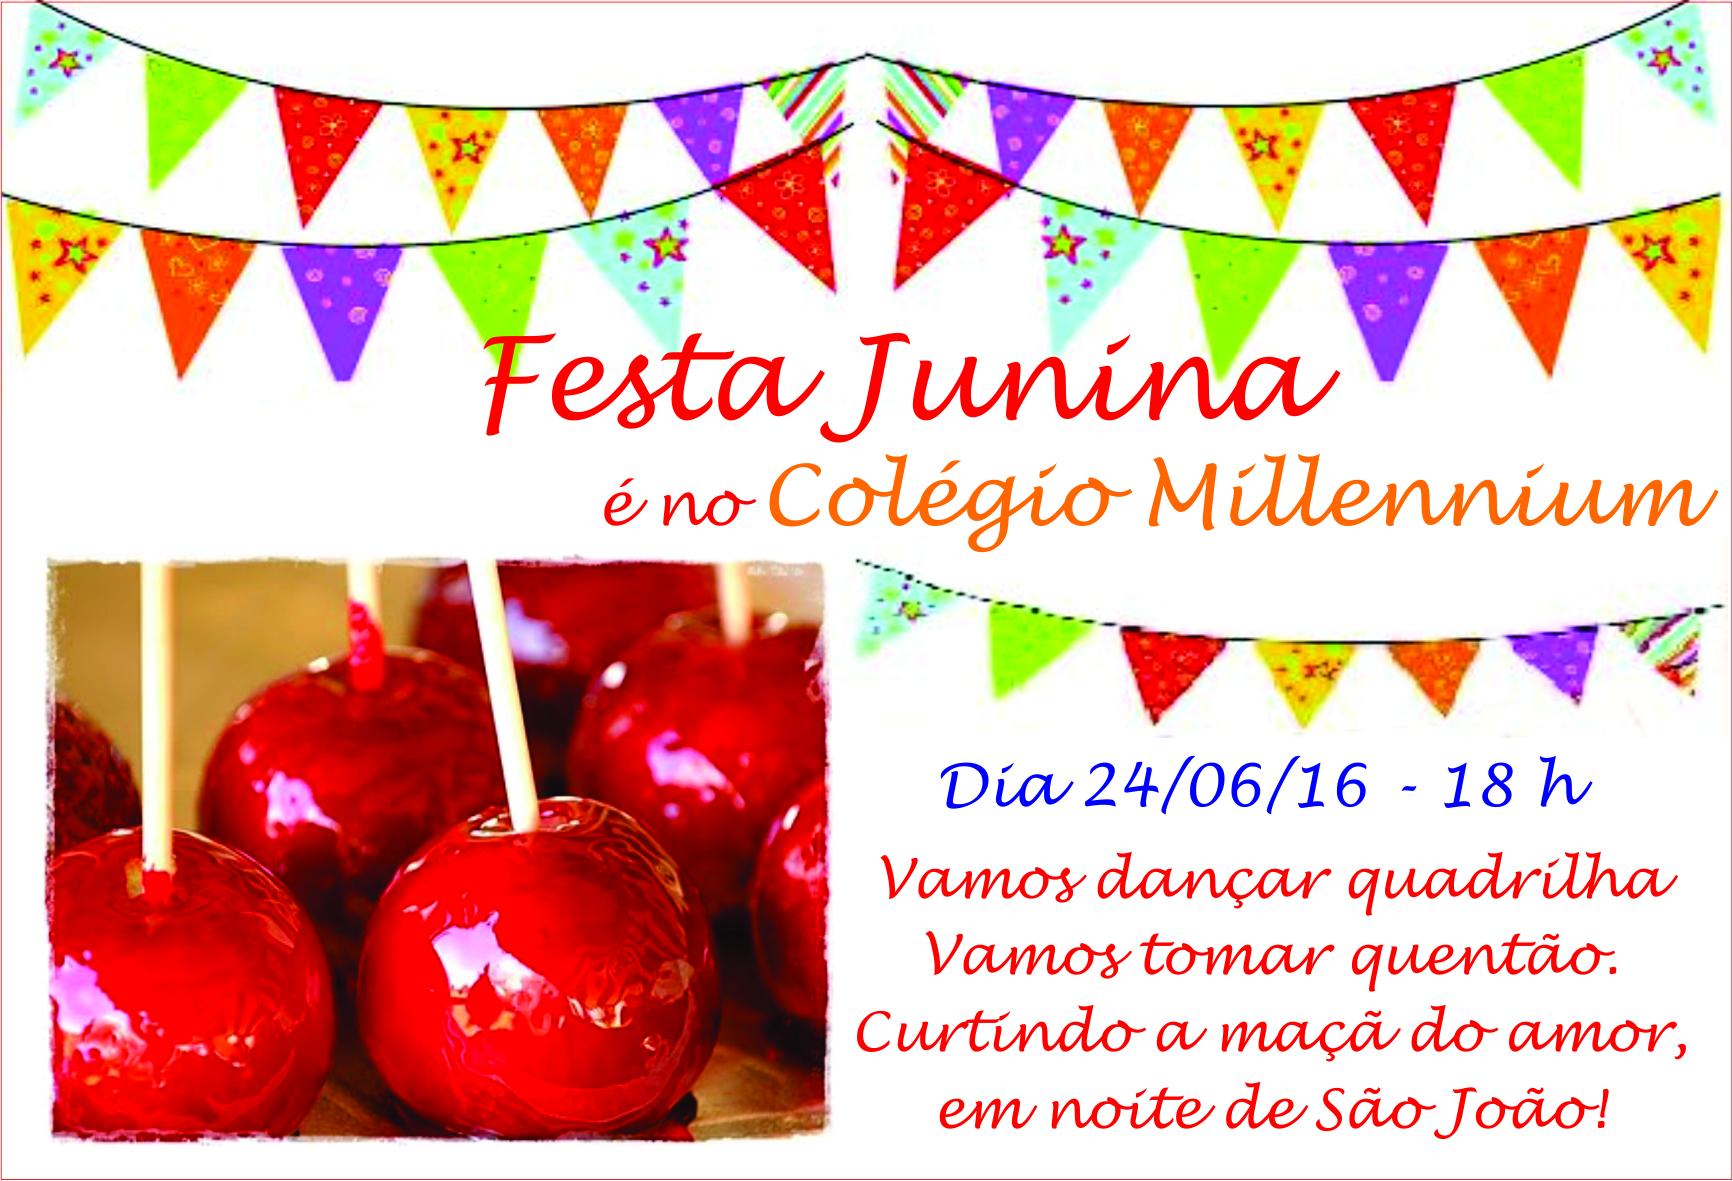 festa-junina-2016